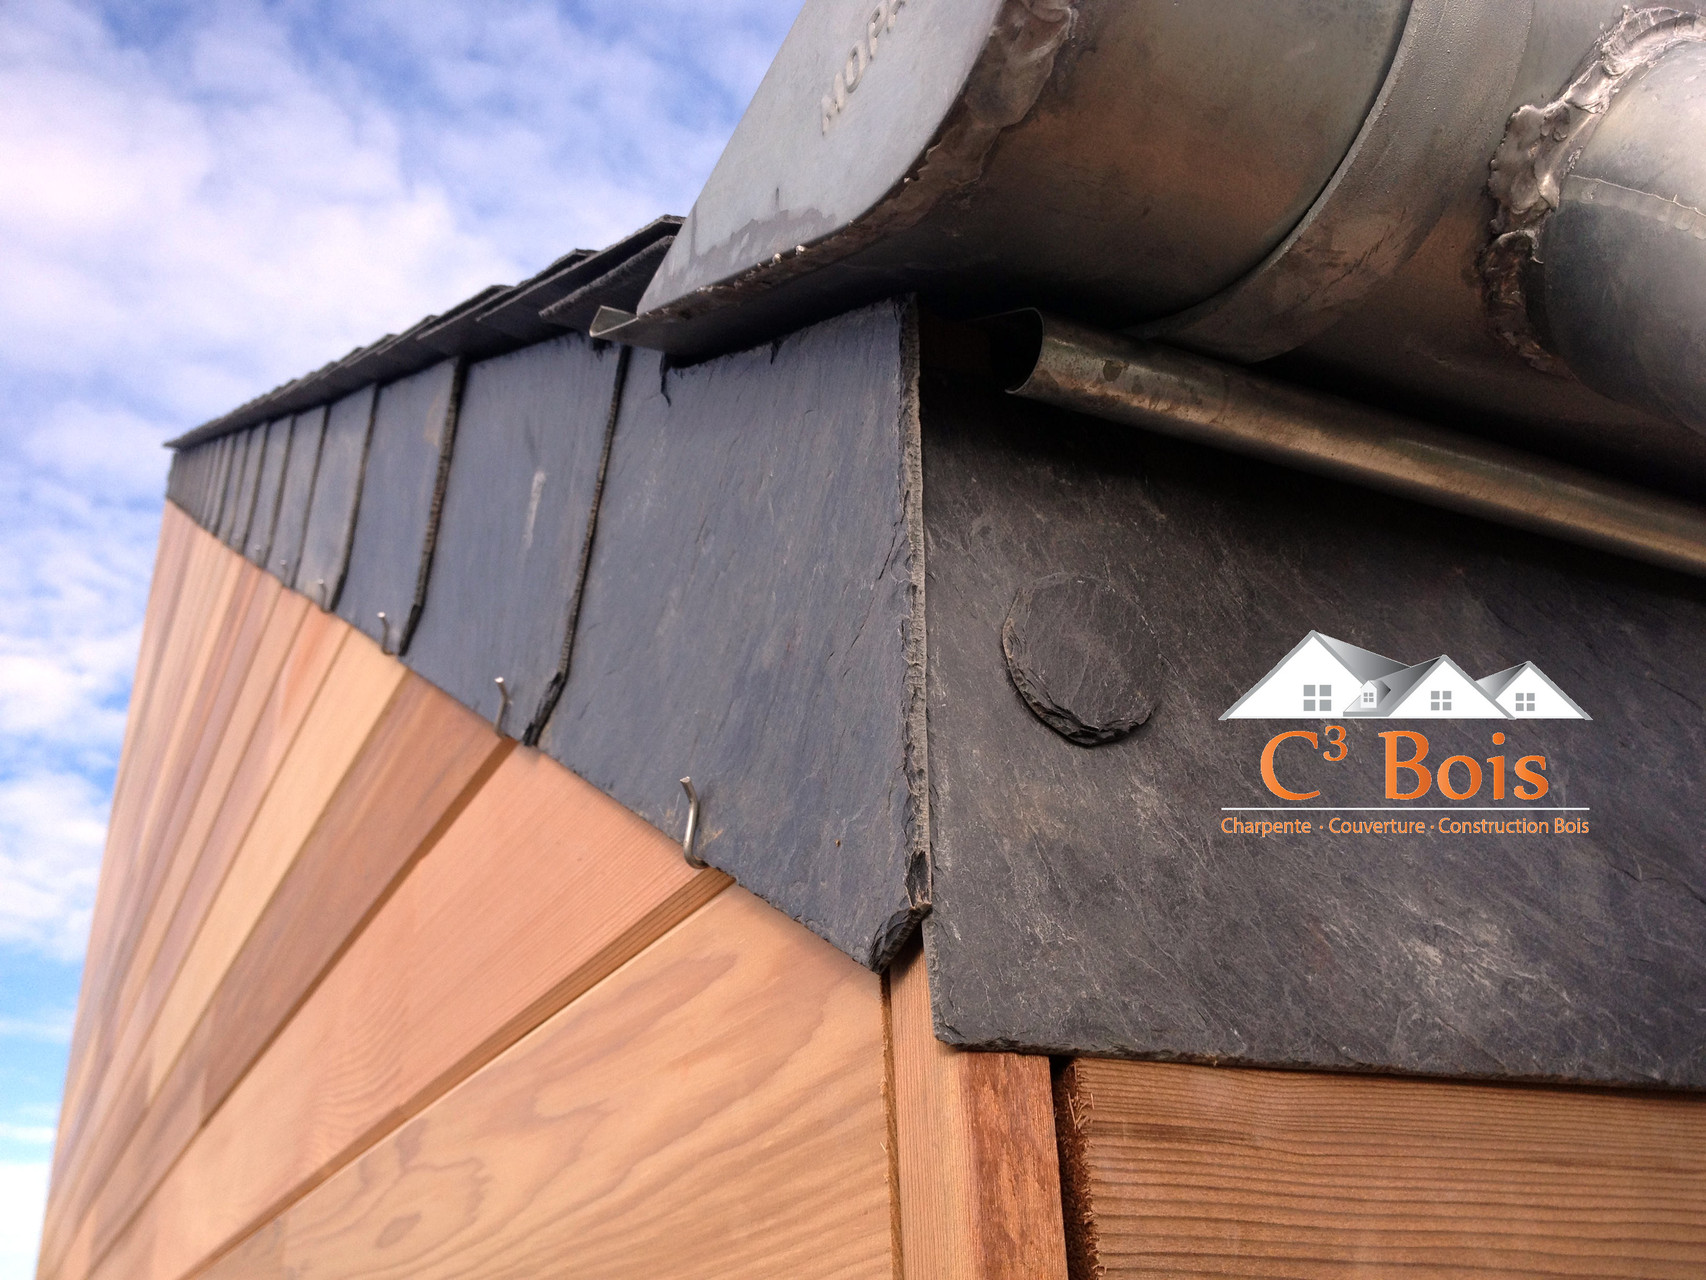 Douglas Bois De Chauffage : Abri ? bois solaire